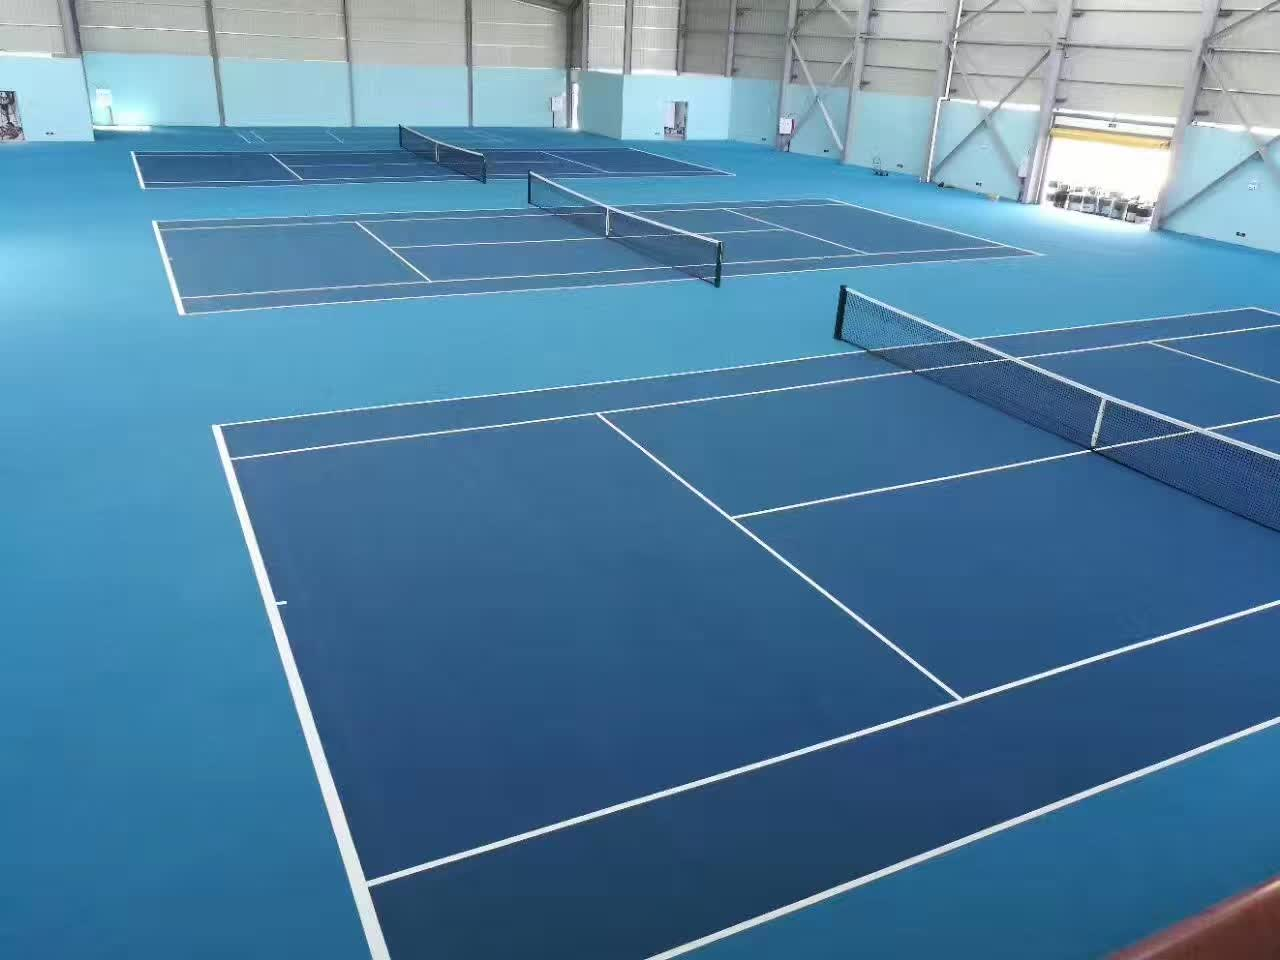 室内网球场训练中心